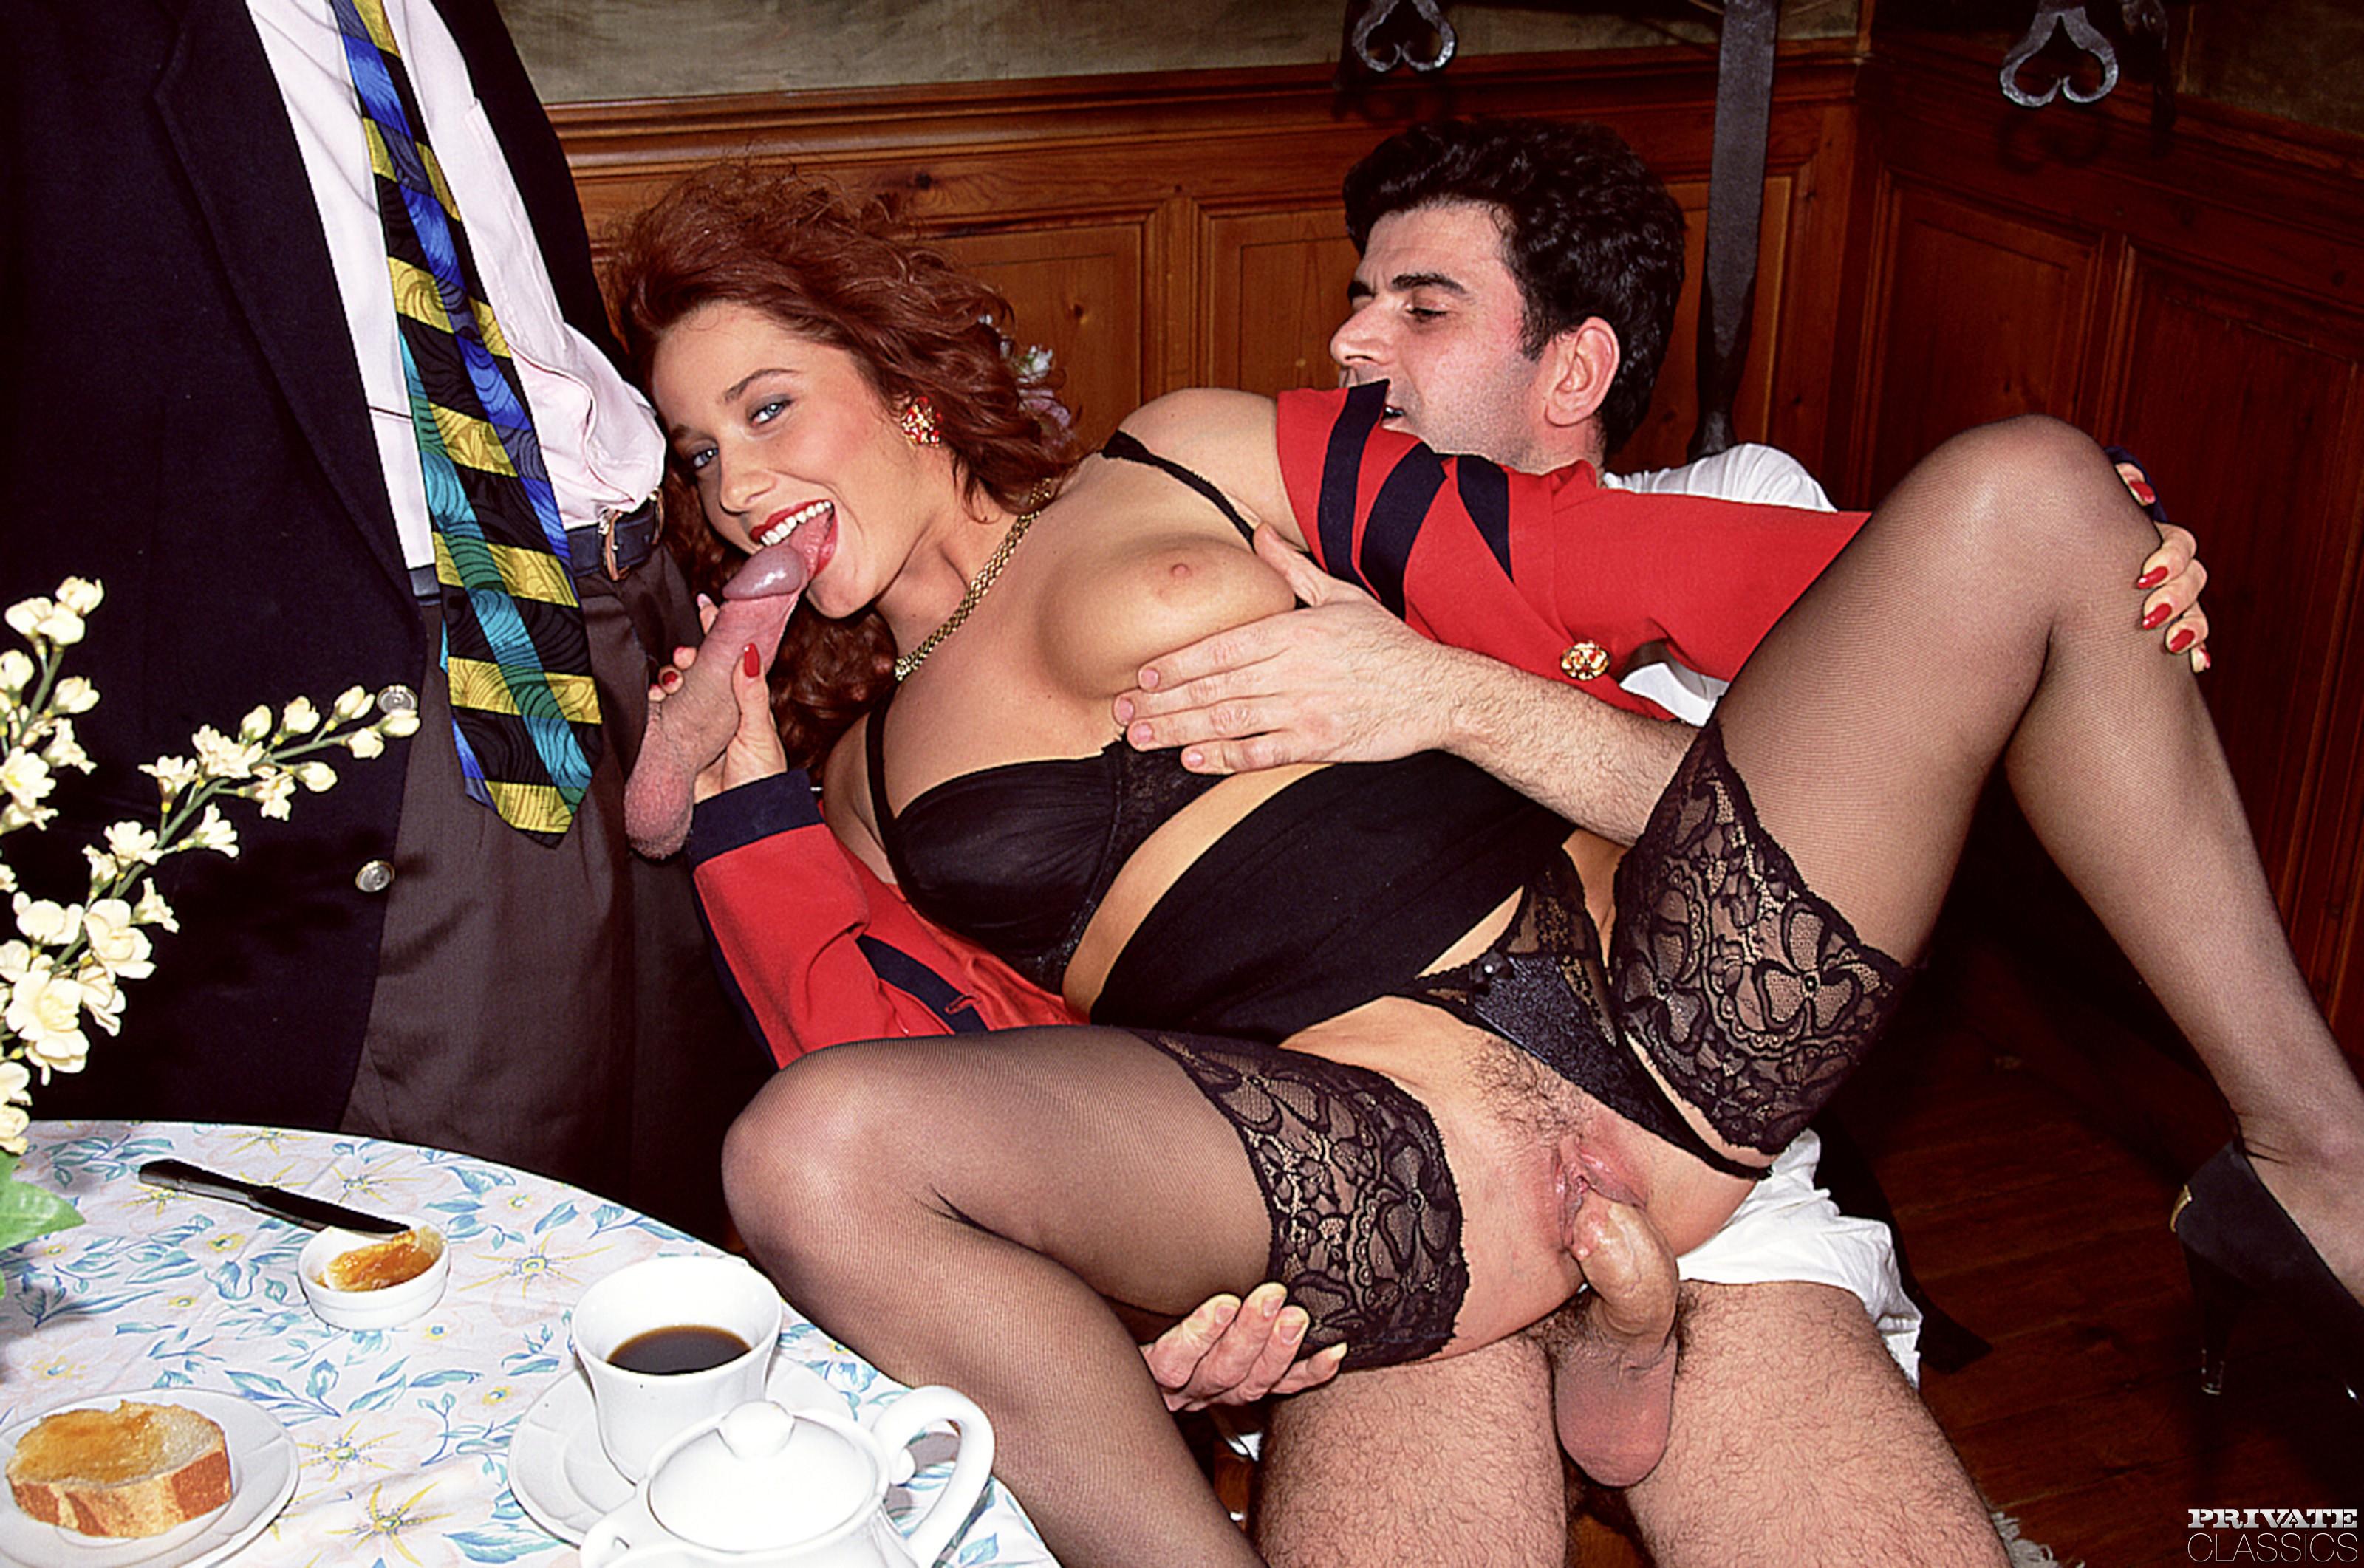 Смотреть порно классика нд, Классика - лучшее порноp! 9 фотография